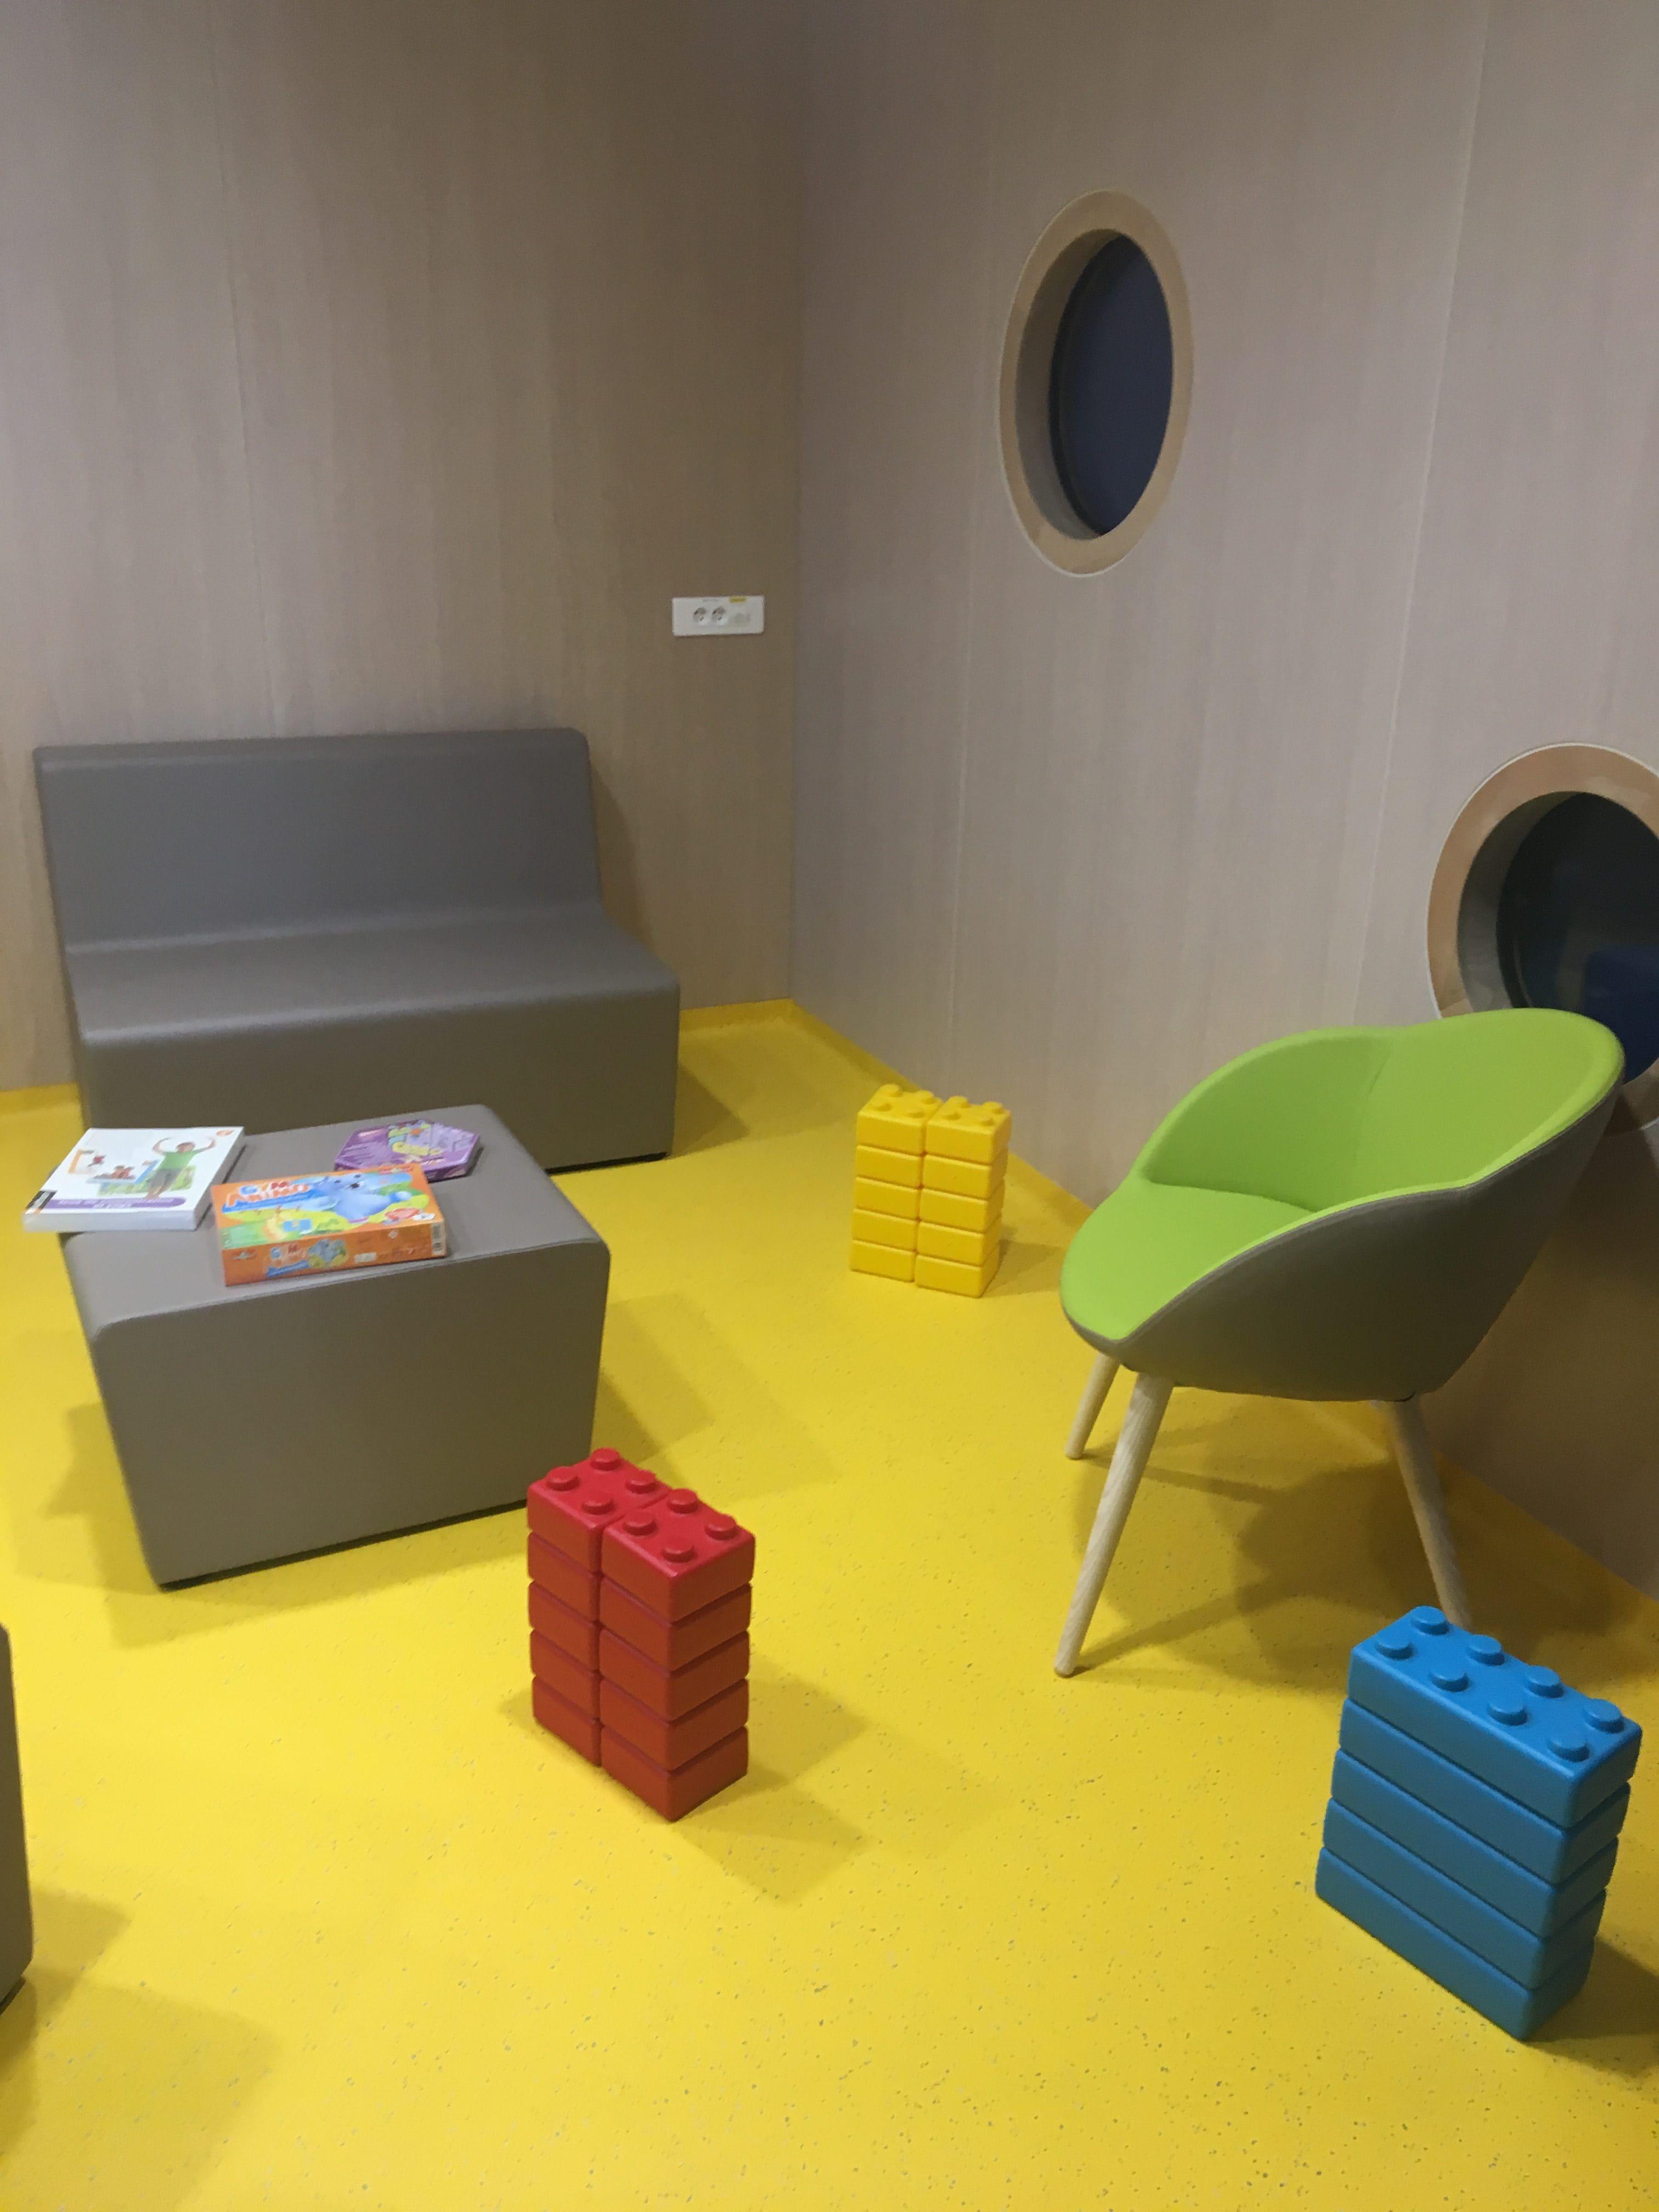 InfleXsys Mécénat : Inauguration des « Chambres de l'extrême » à l'Hôpital des Enfants, au CHU de Bordeaux